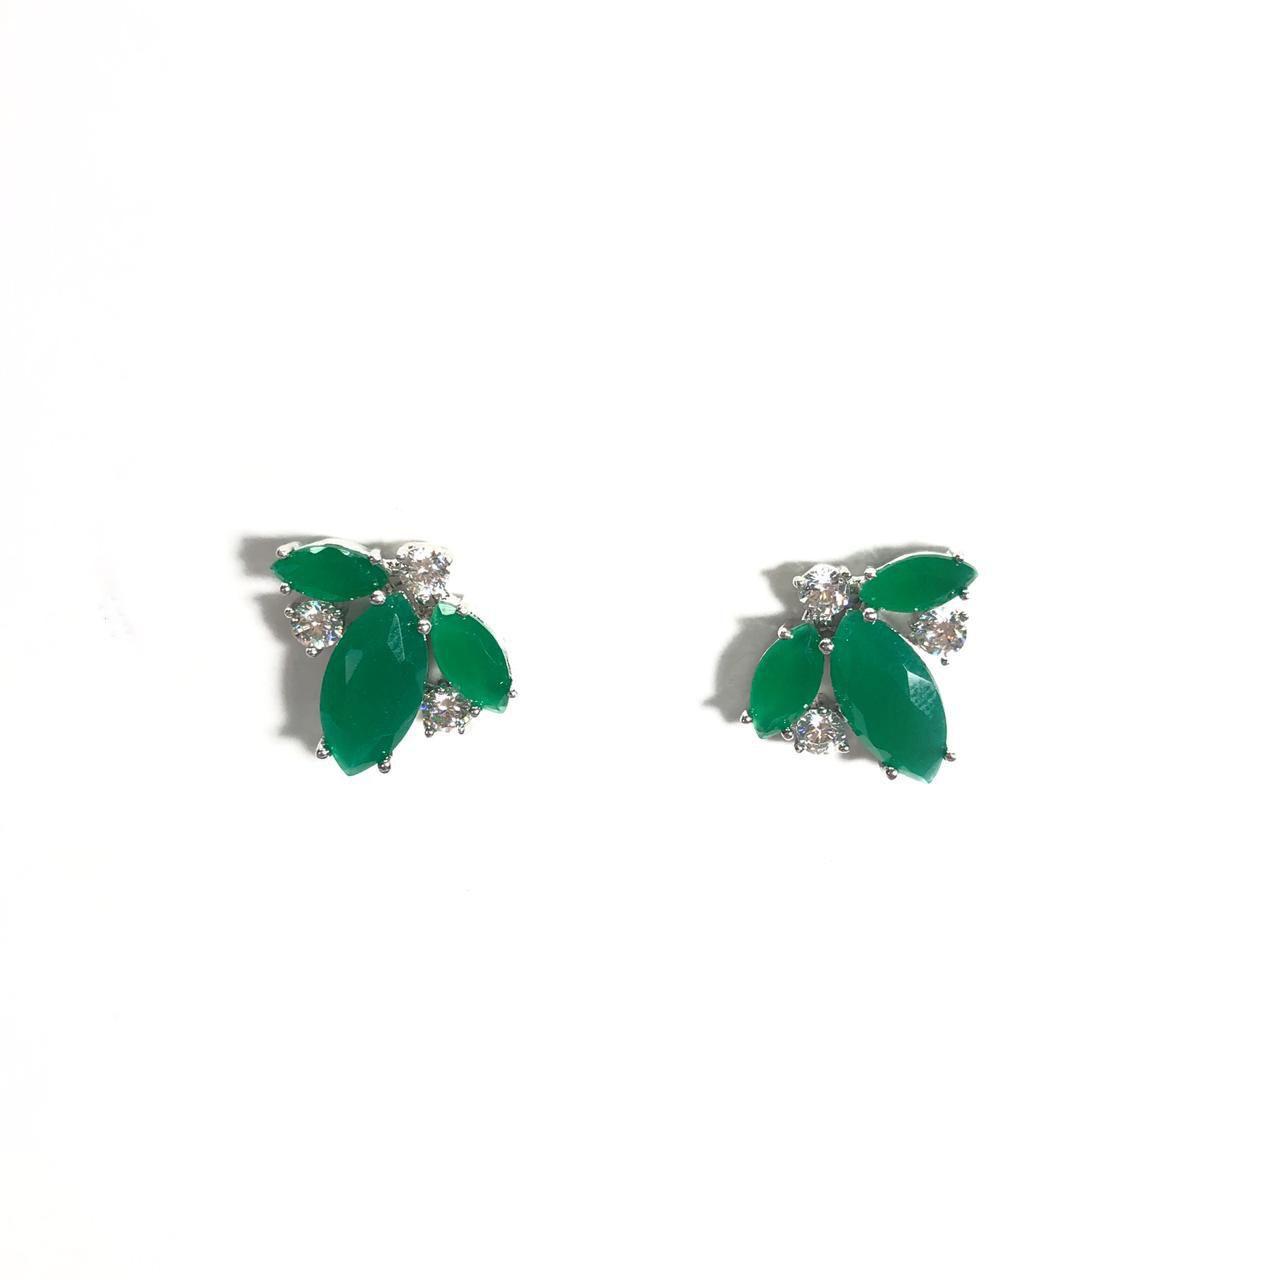 Brinco Verde Detalhes em Zircônias Branca Banho em Ródio